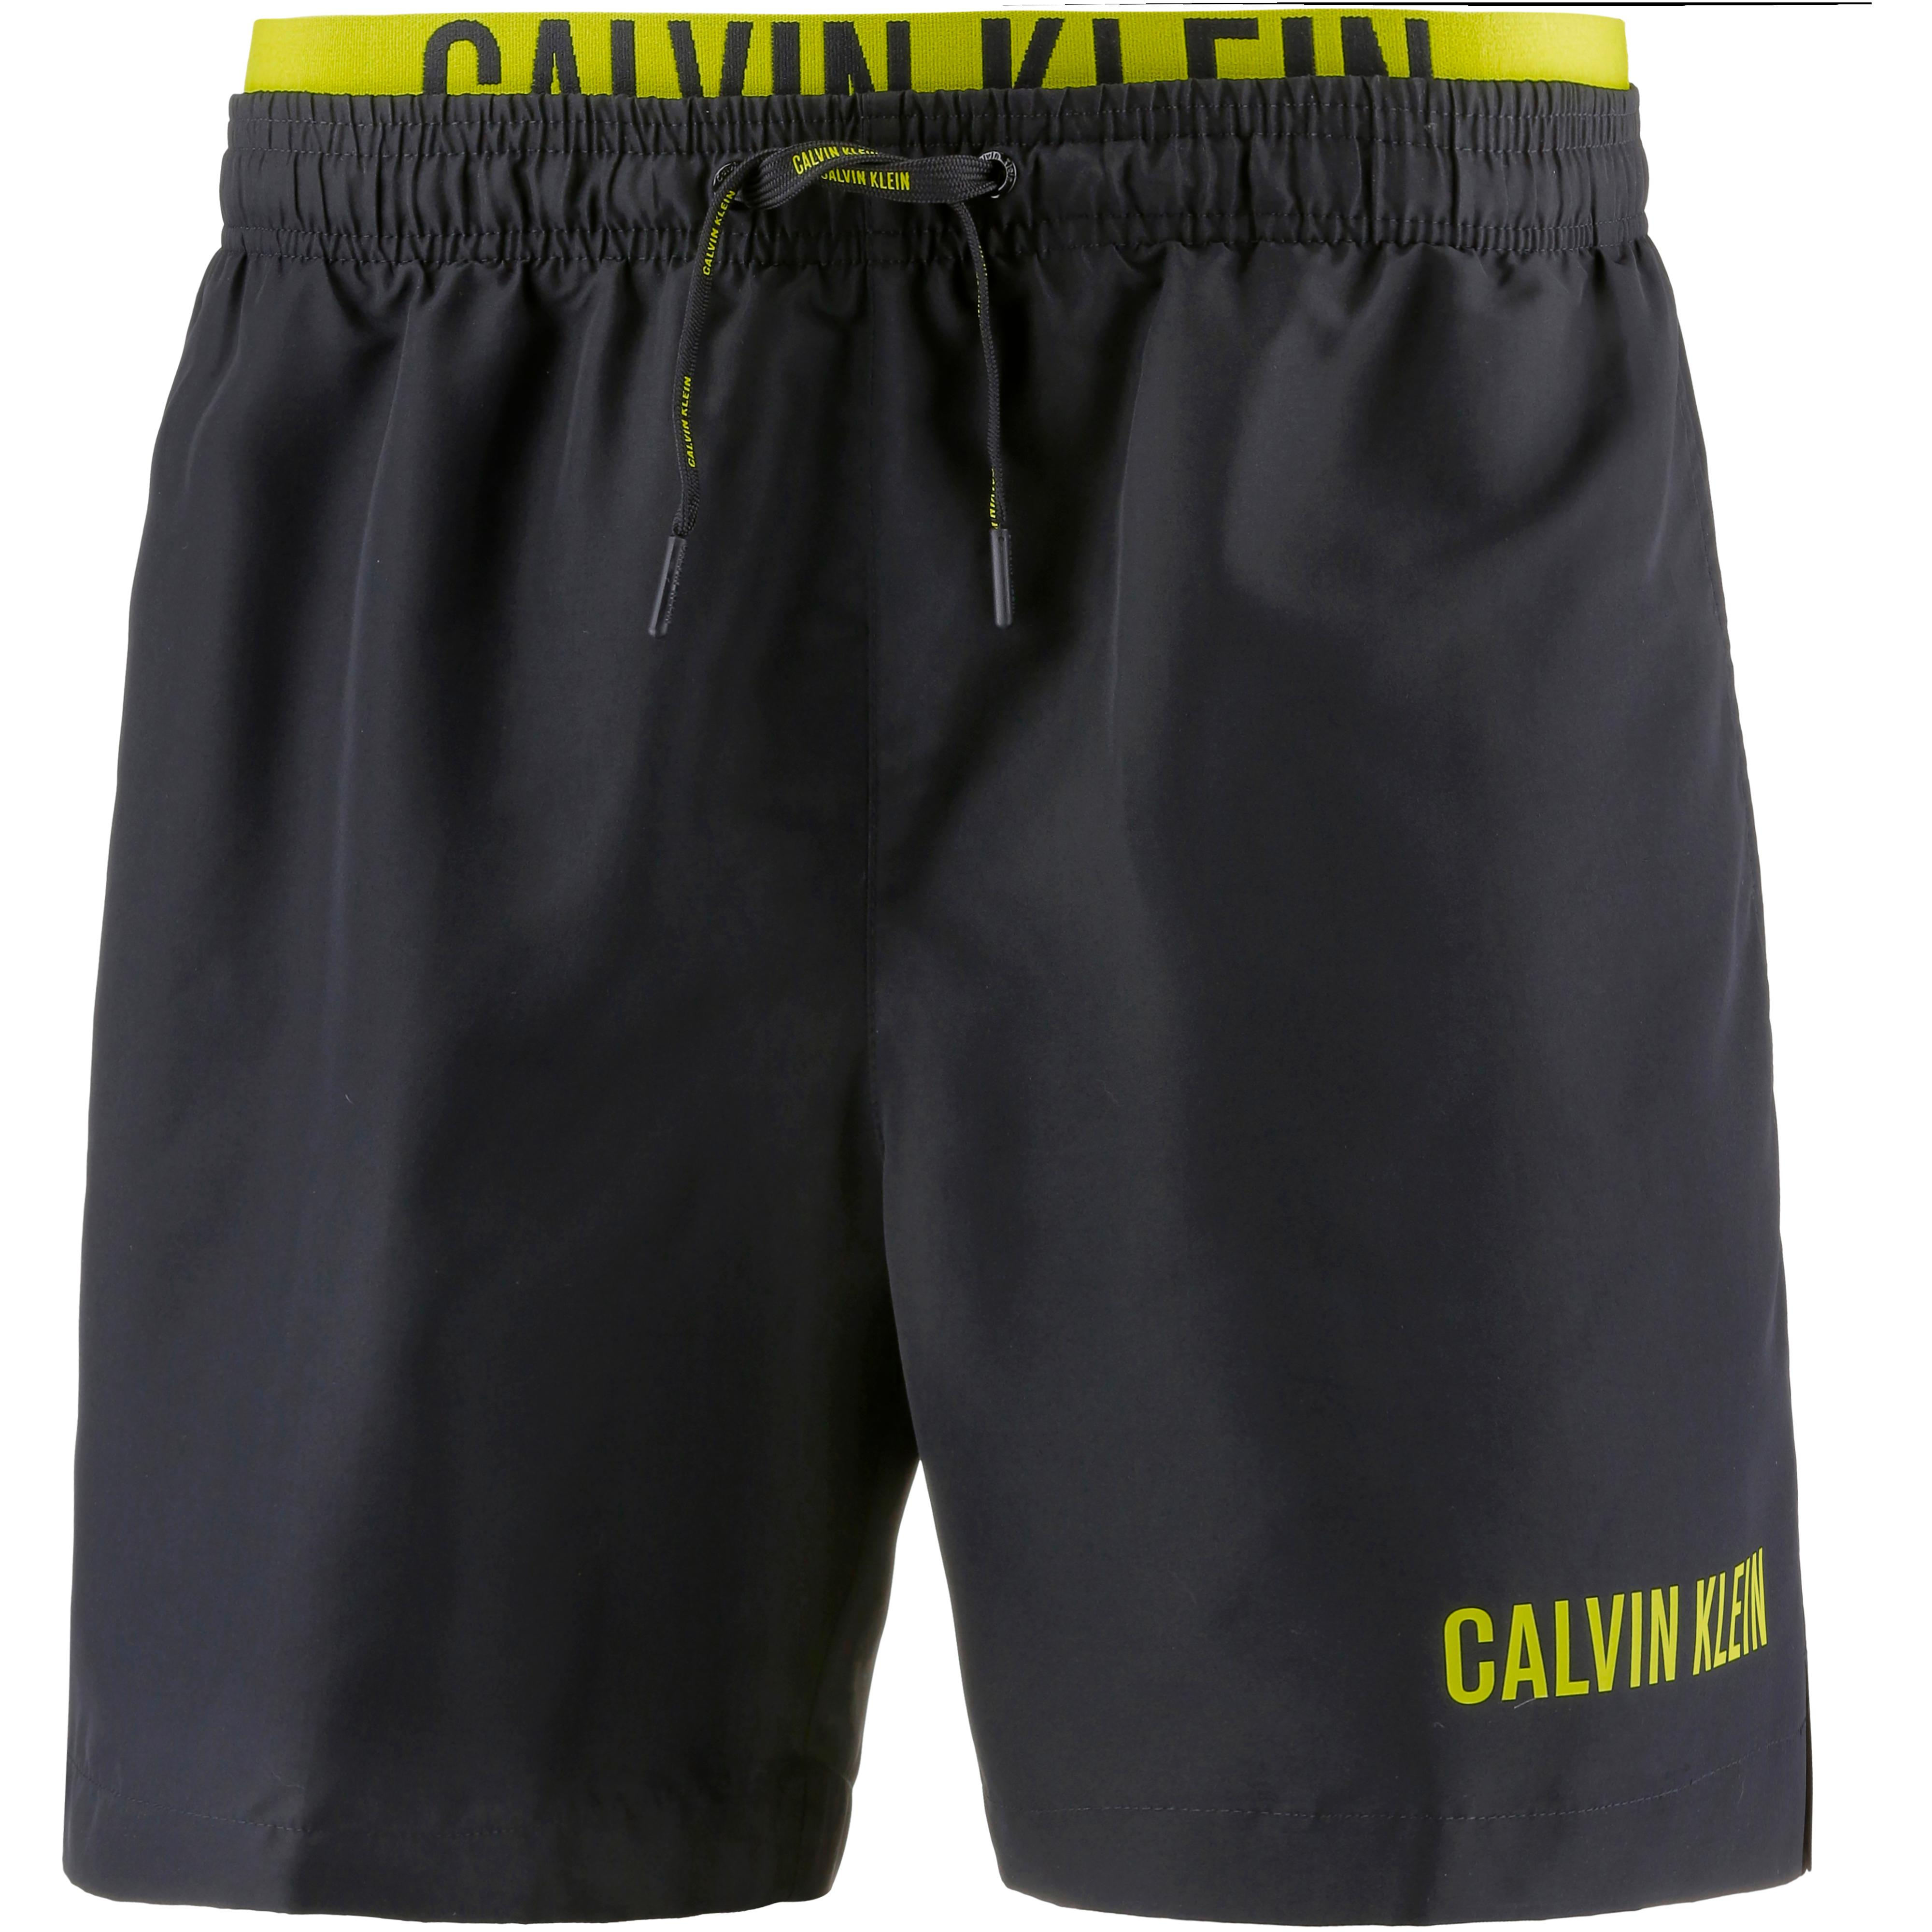 auf Lager ff0b6 b615c Calvin Klein Intense Power Badeshorts Herren black im Online Shop von  SportScheck kaufen